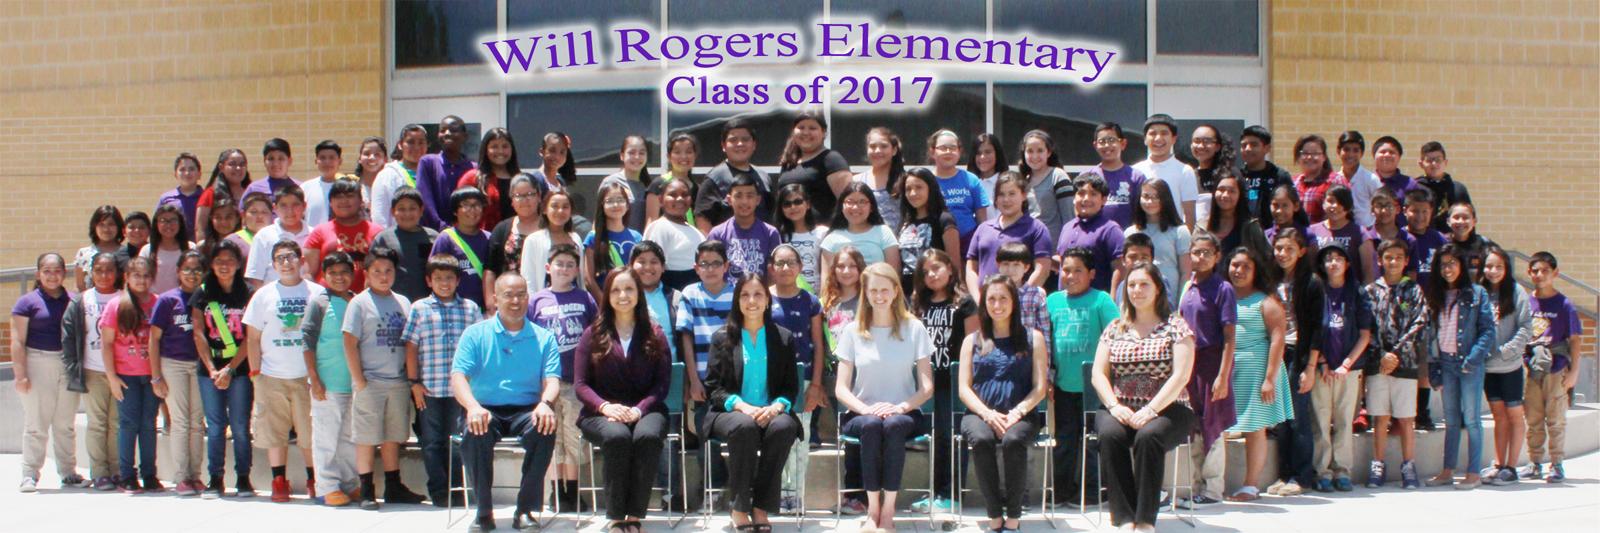 Rogers_xsm